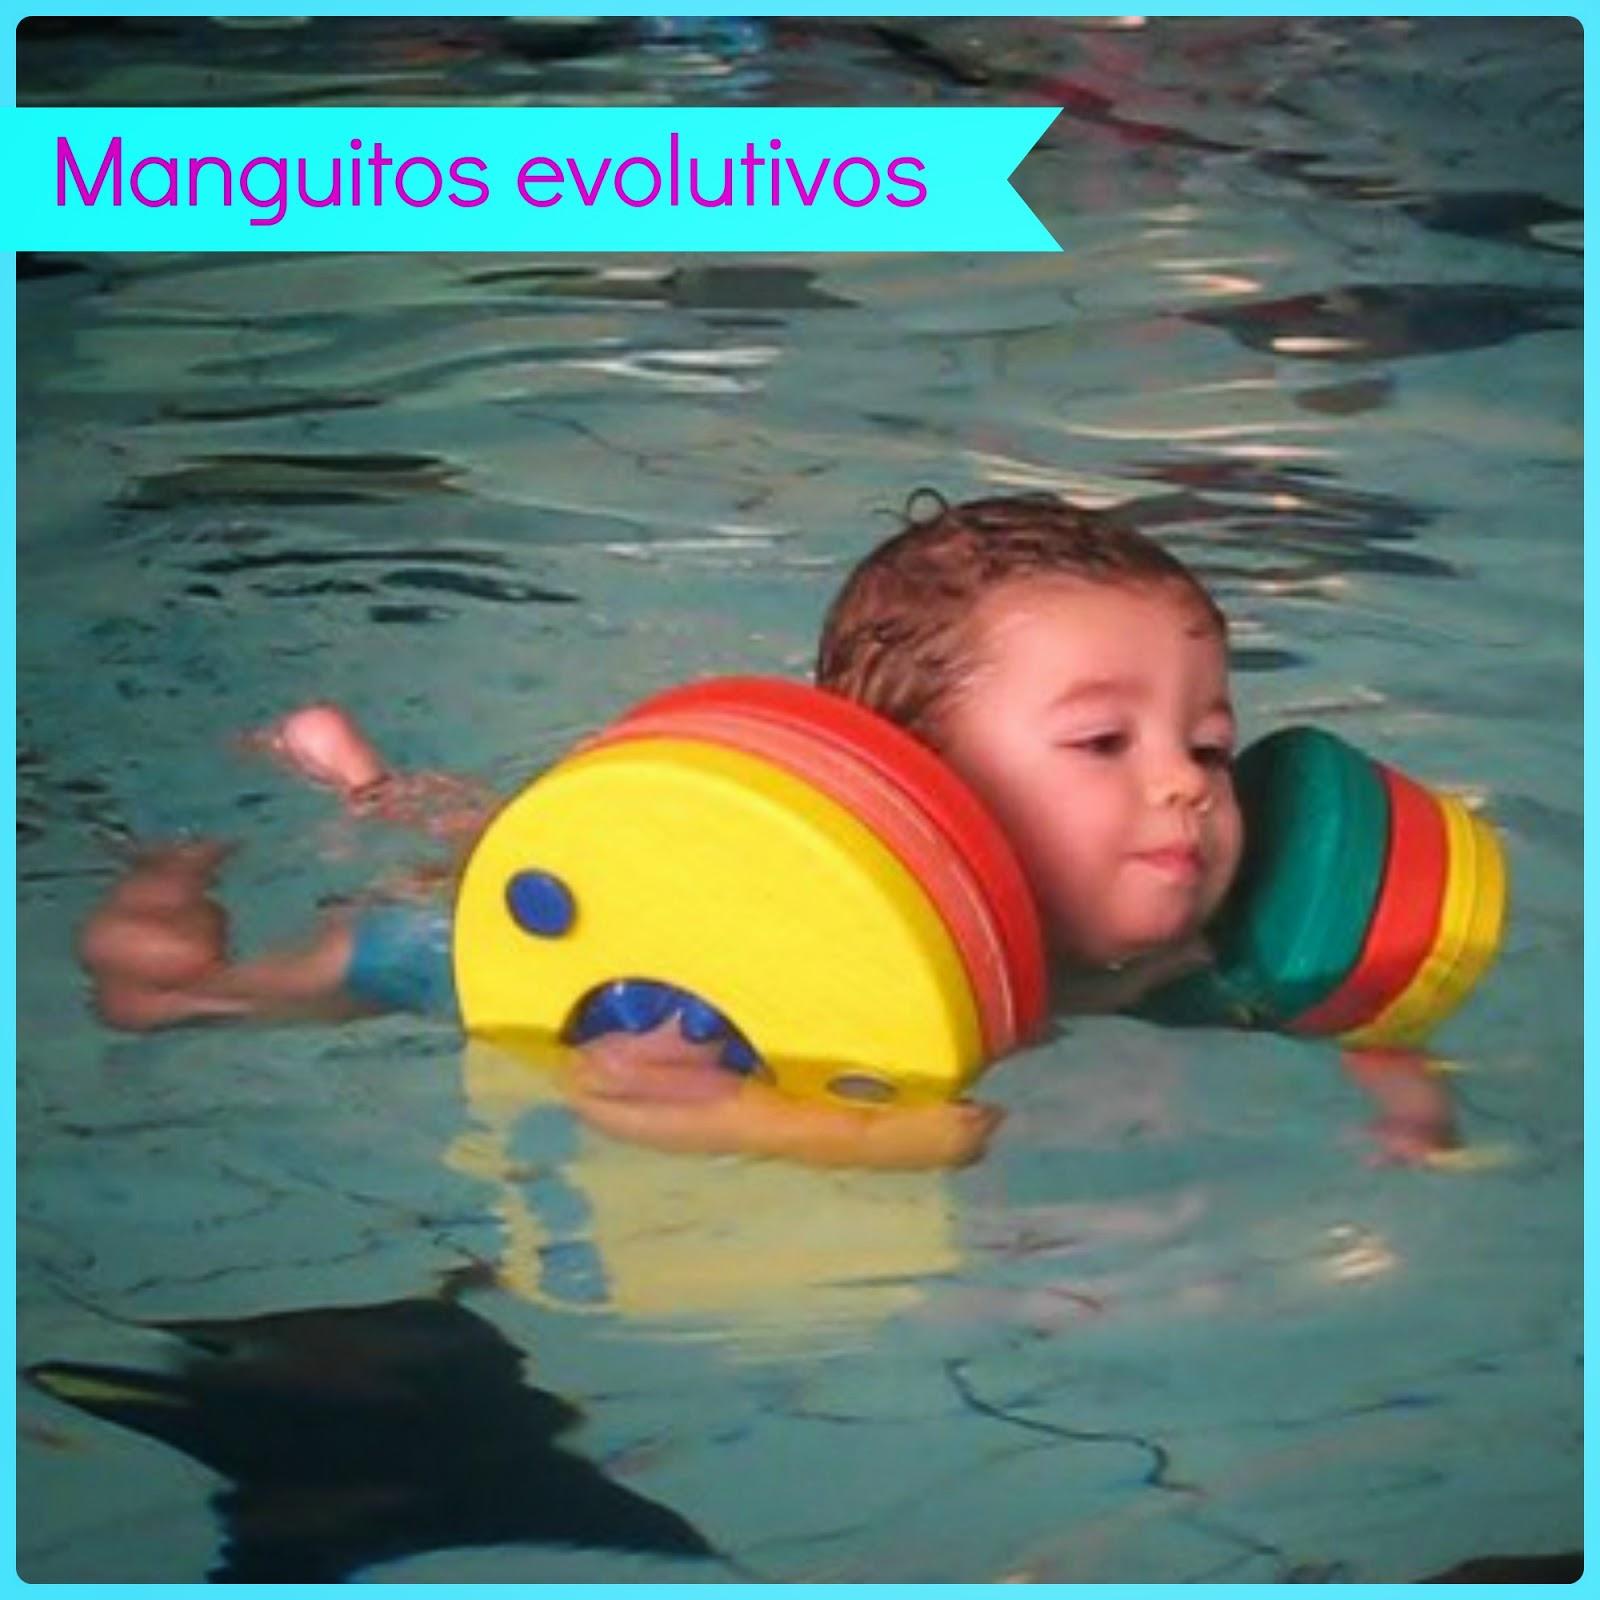 Subida en mis tacones ocio en familia cosas molonas for Manguitos piscina